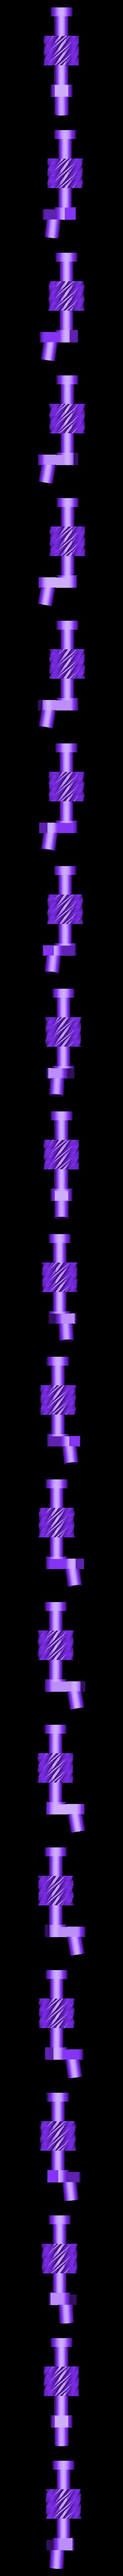 MP_CRANKL_1.stl Télécharger fichier STL gratuit Shellmo (Remix) • Plan imprimable en 3D, ROYLO